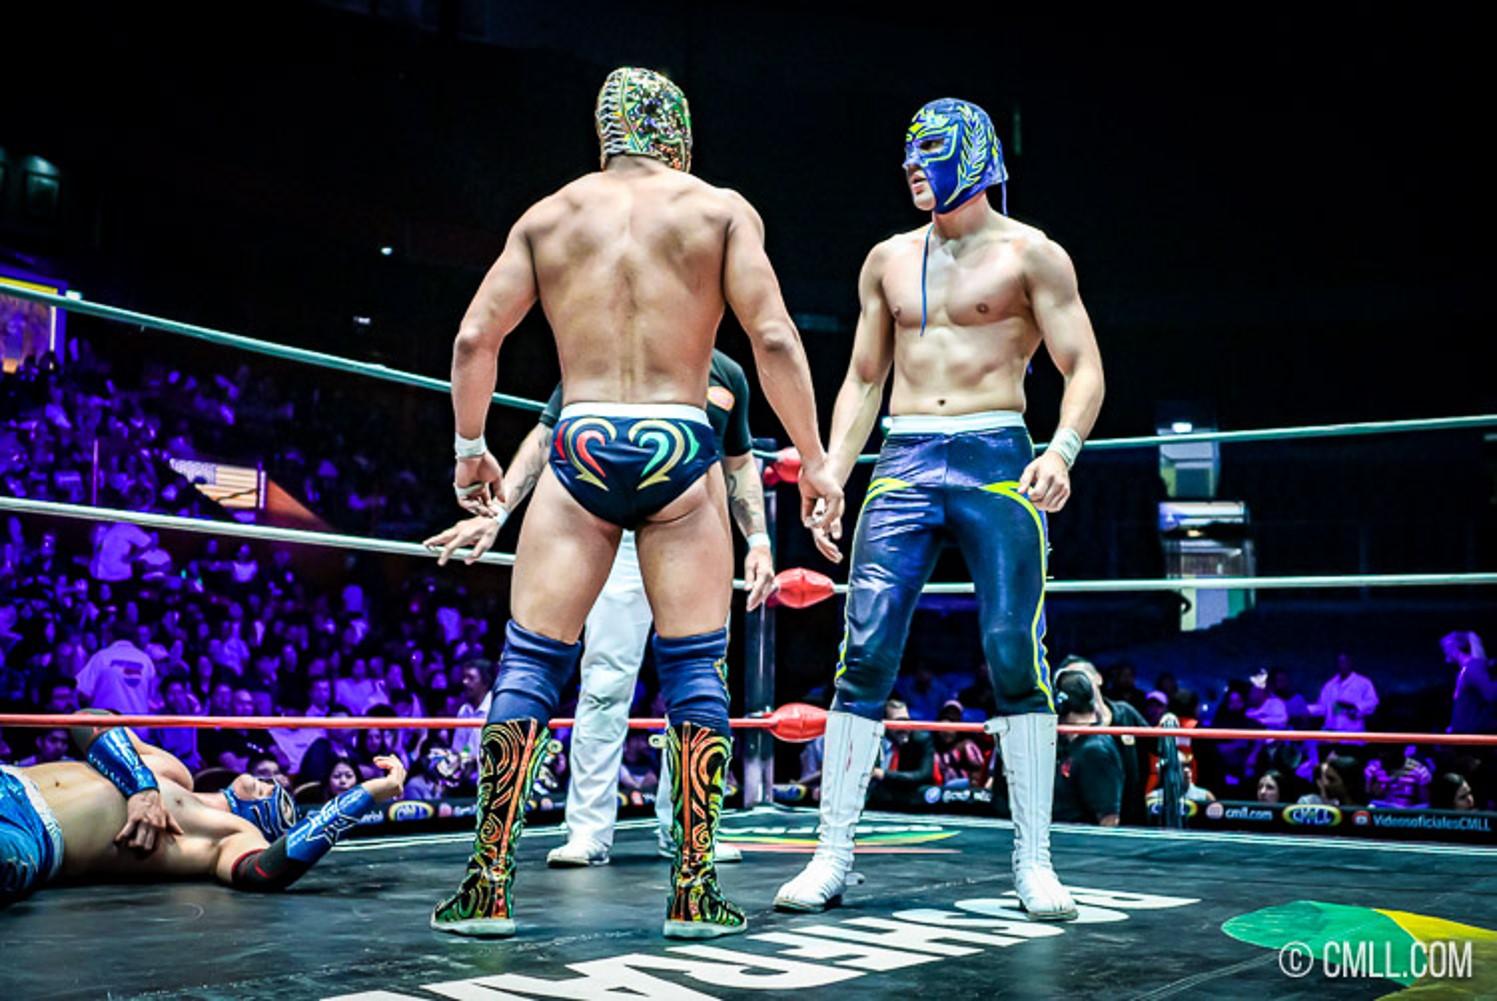 CMLL: Titán y Soberano Jr. tras el Campeonato Mundial Welter 8